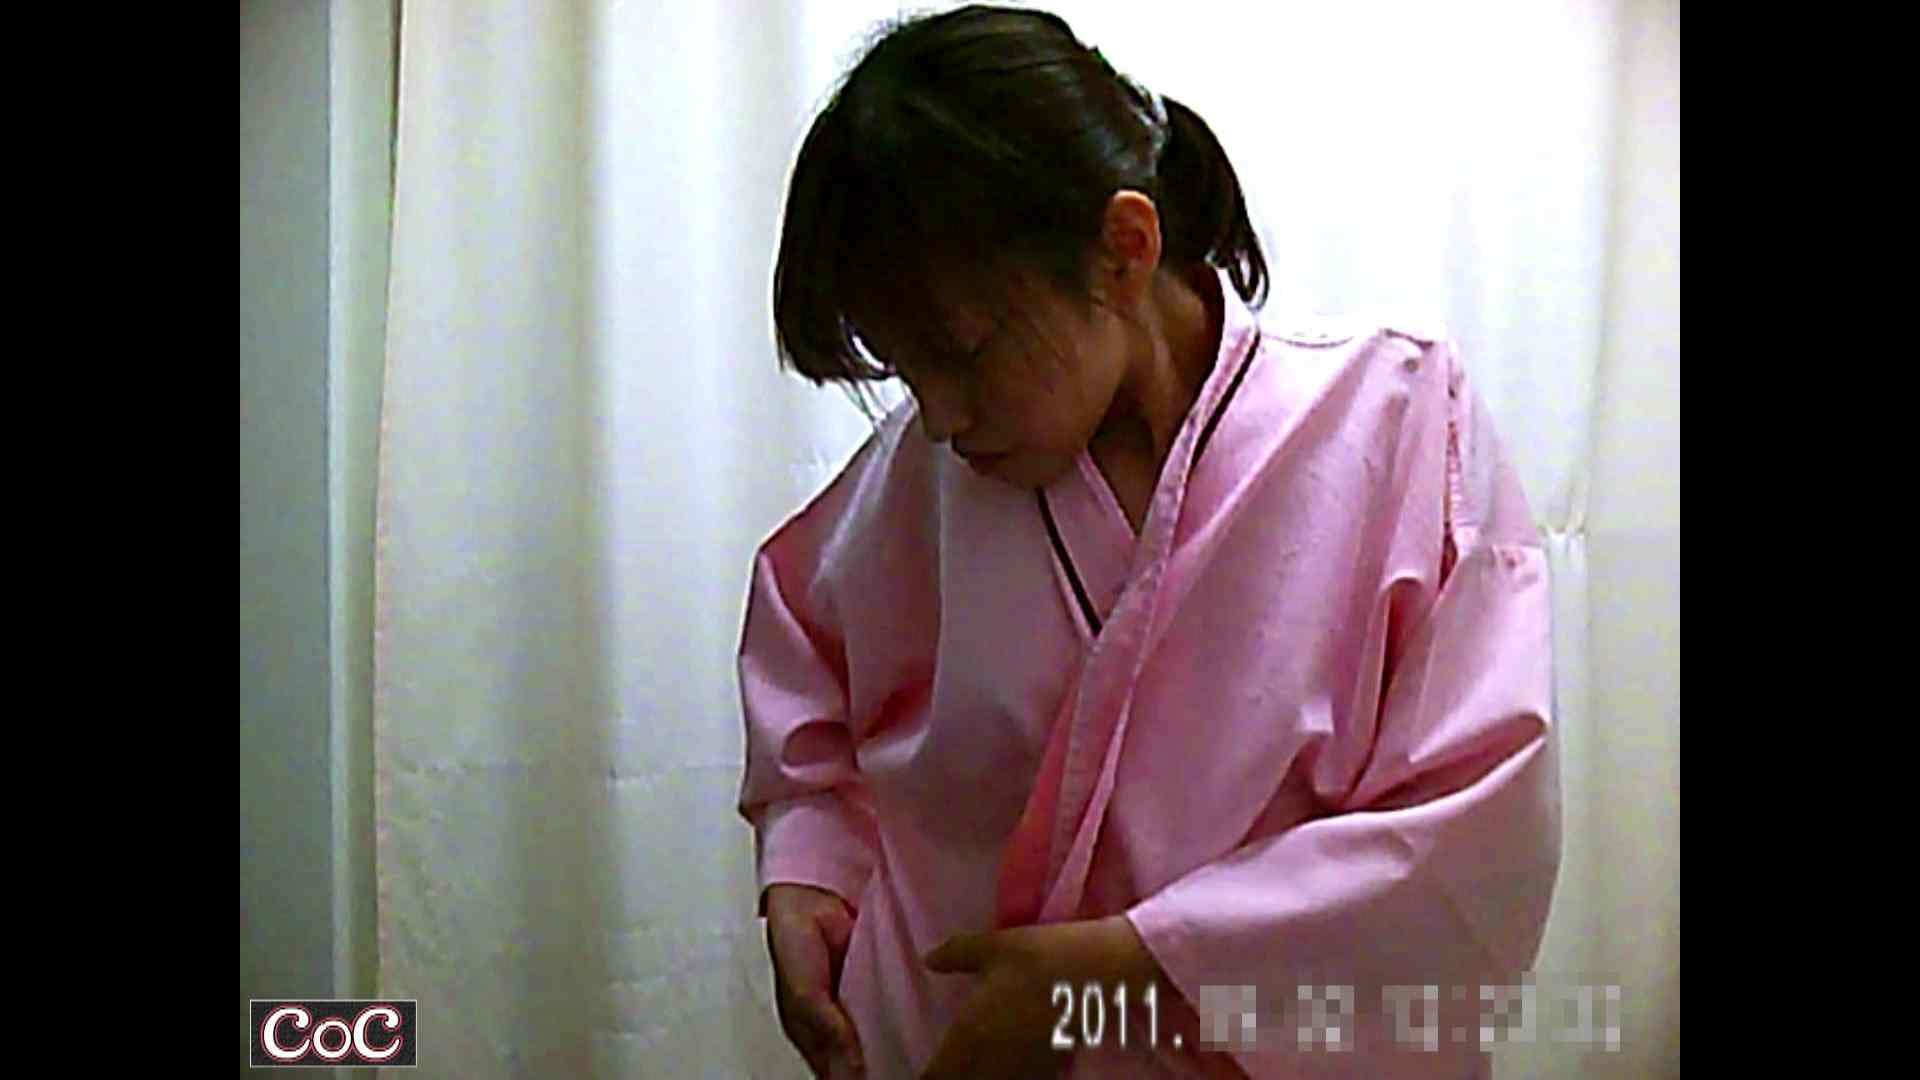 病院おもいっきり着替え! vol.19 乳首 のぞきエロ無料画像 61連発 5